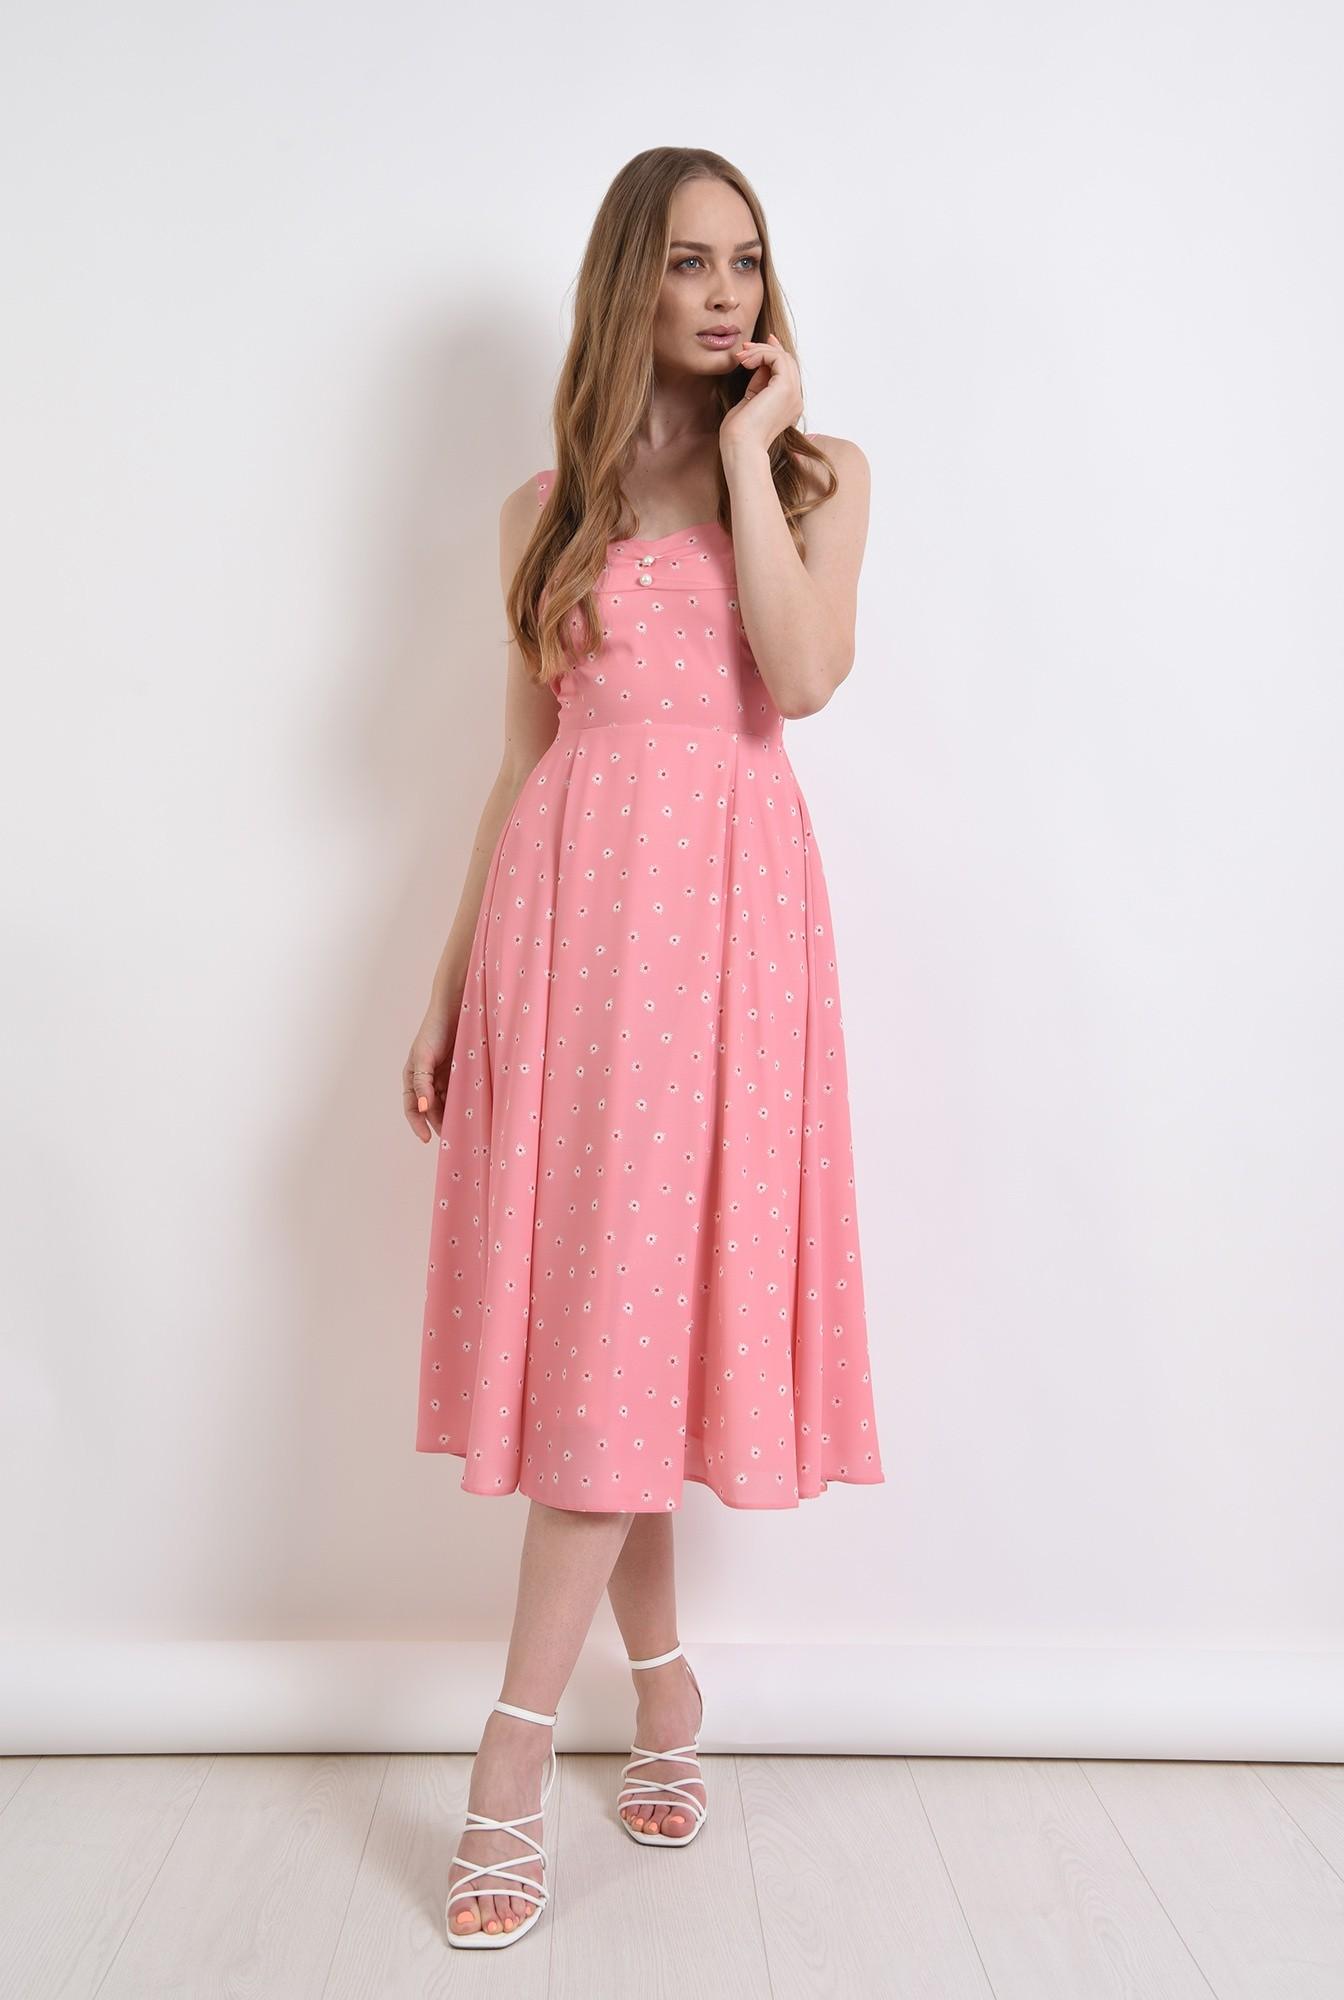 1 - rochie roz, cu print floral, cu nasturi perla